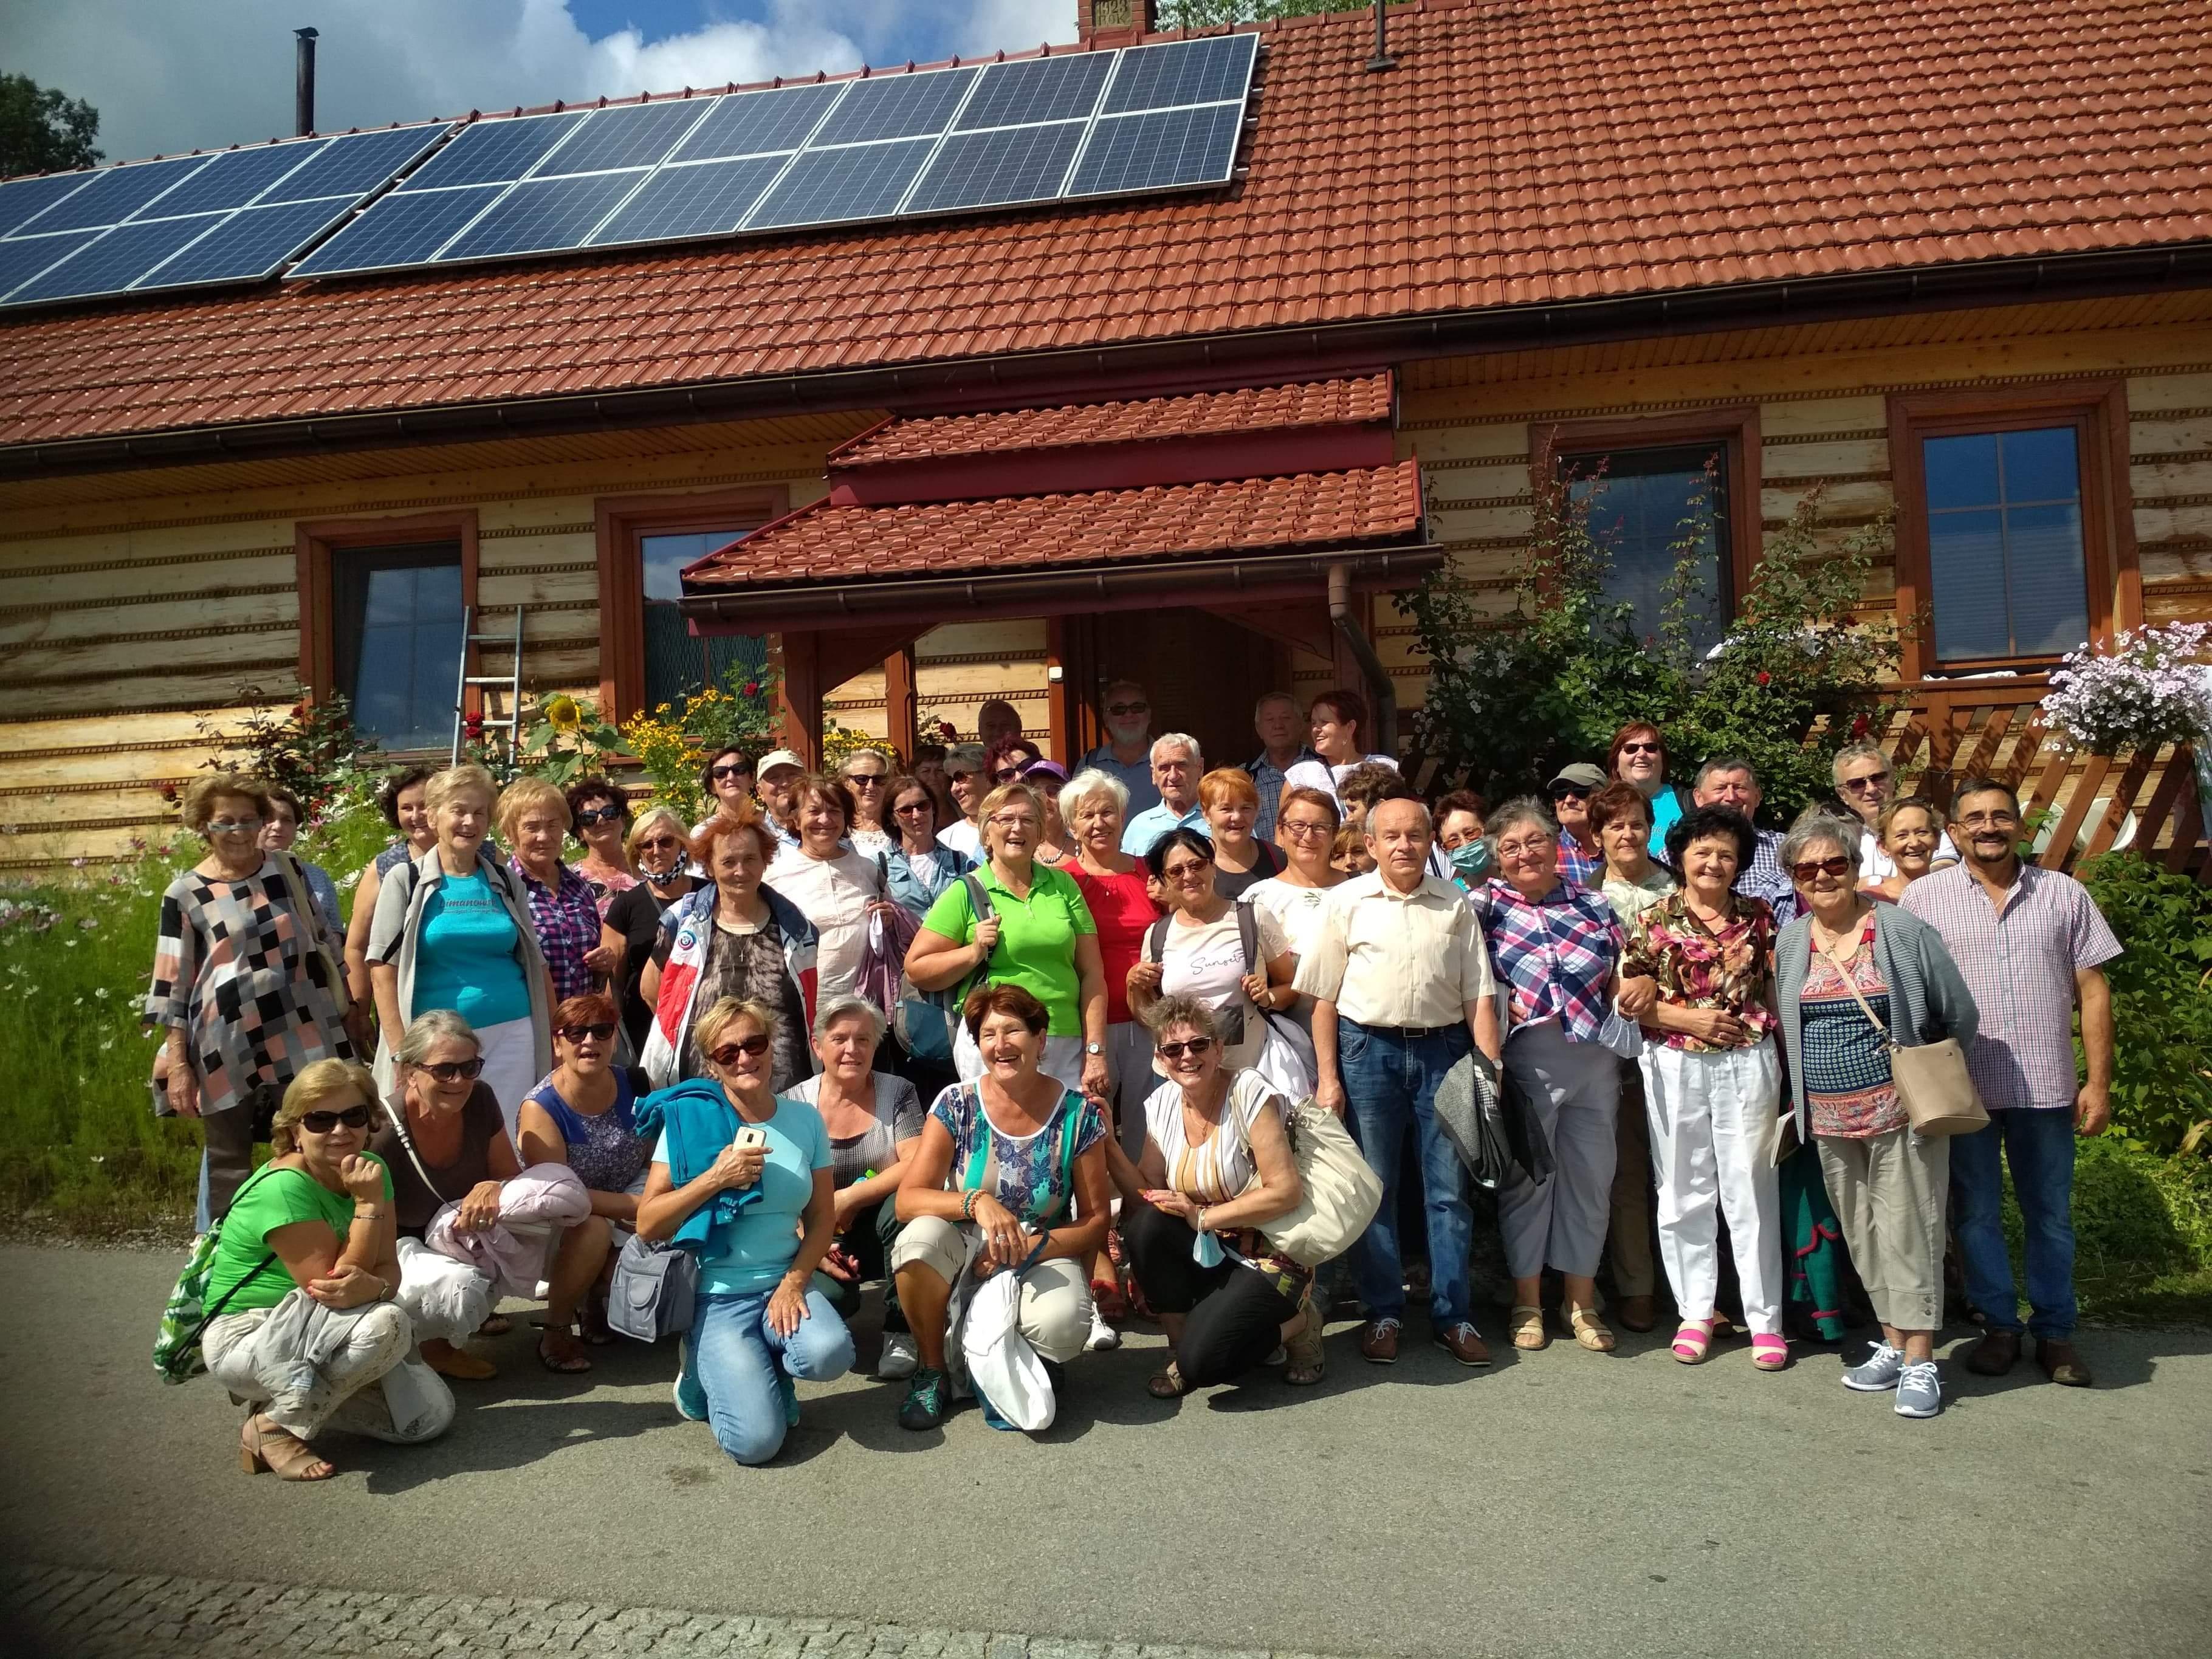 Wyjazd edukacyjny LUTW do Strzeszyc i Żmiącej 2